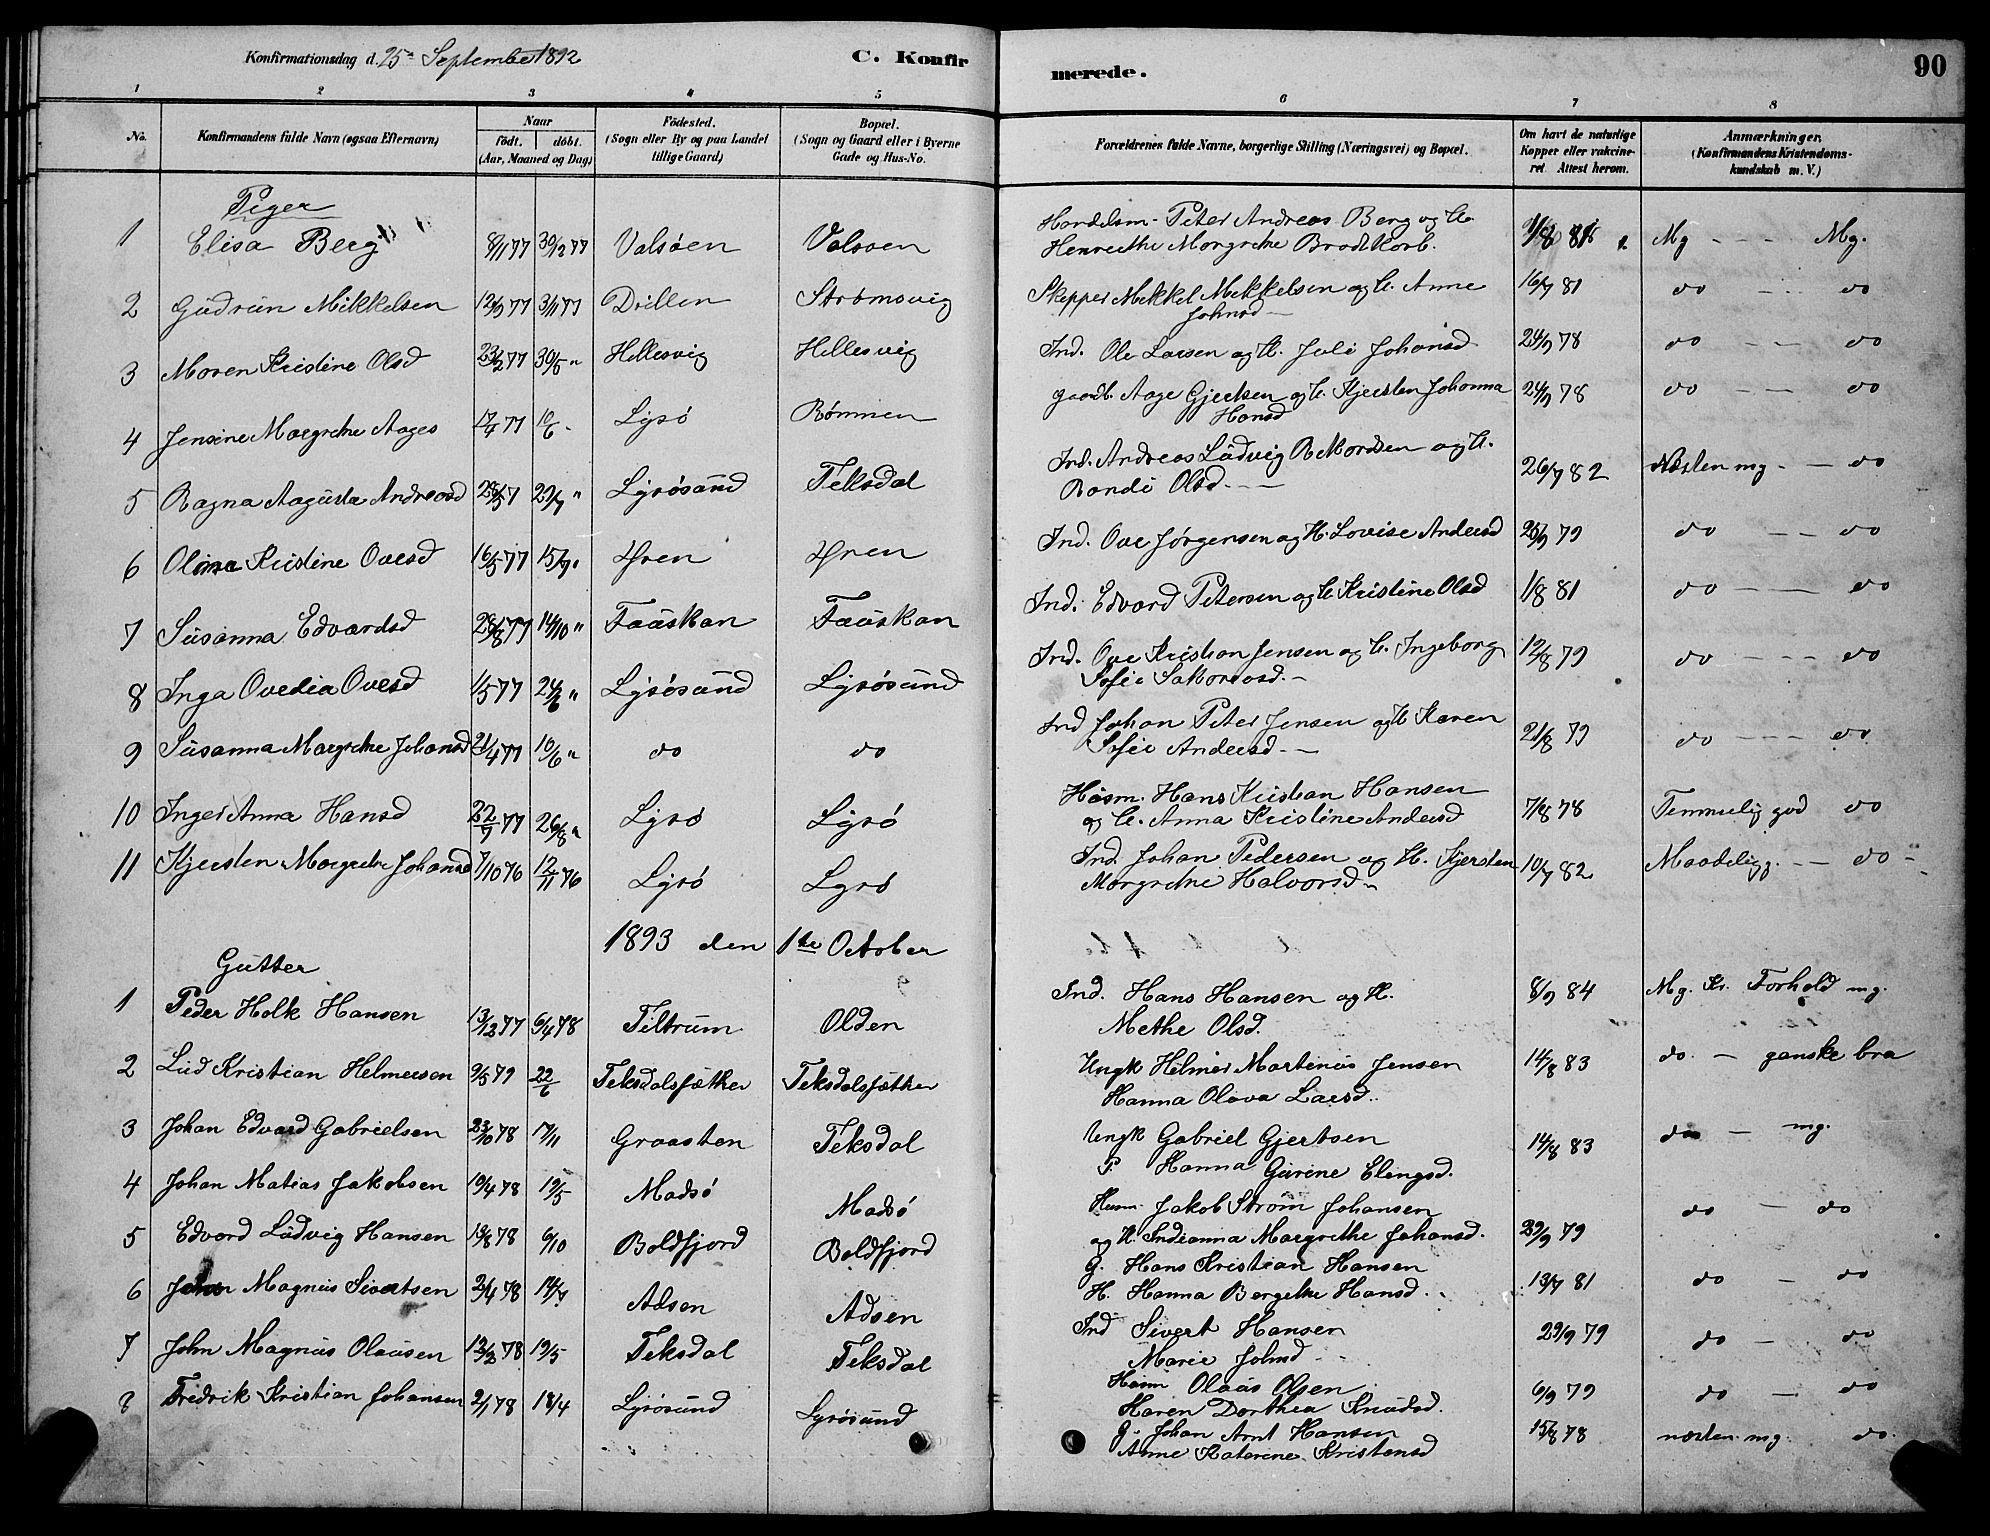 SAT, Ministerialprotokoller, klokkerbøker og fødselsregistre - Sør-Trøndelag, 654/L0665: Klokkerbok nr. 654C01, 1879-1901, s. 90